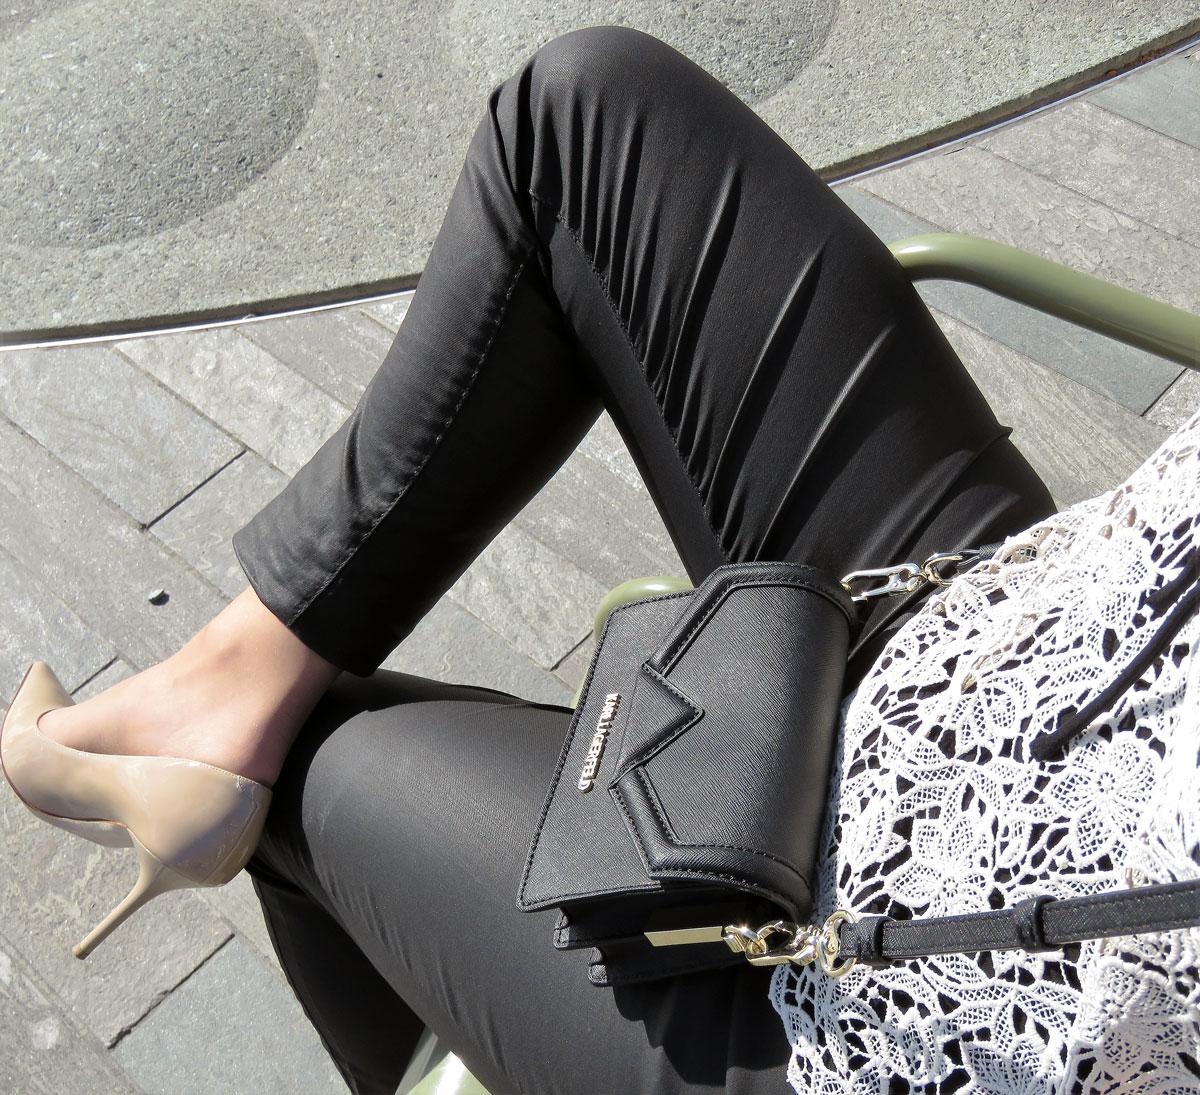 Spitze: Jeans mit Ledereeffekt von Hallhuber, crèmefarbene Spitzenshirt von Hallhuber, schwarzes Spaghettiträger Top von Hallhuber, Nude Pumps von Jimmy Choo